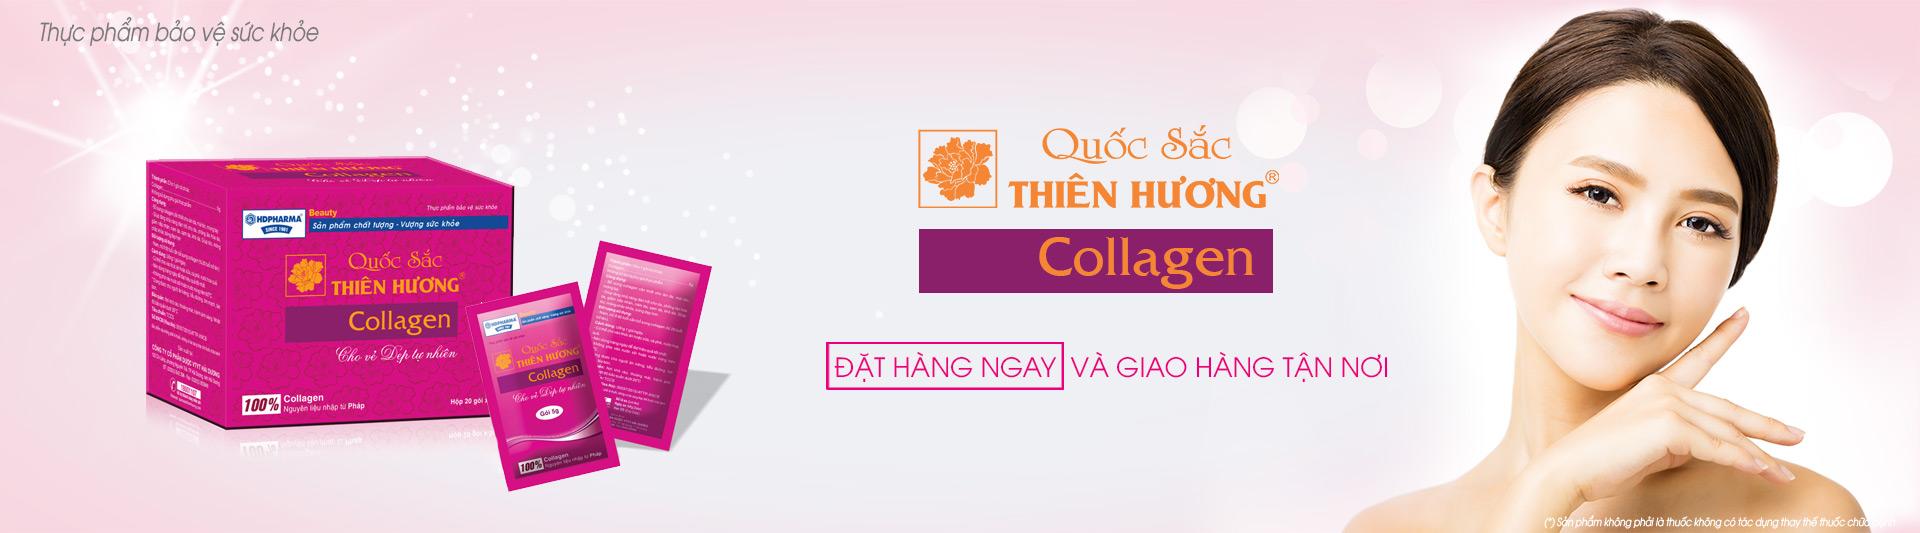 Gói uống Collagen Quốc Sắc Thiên Hương